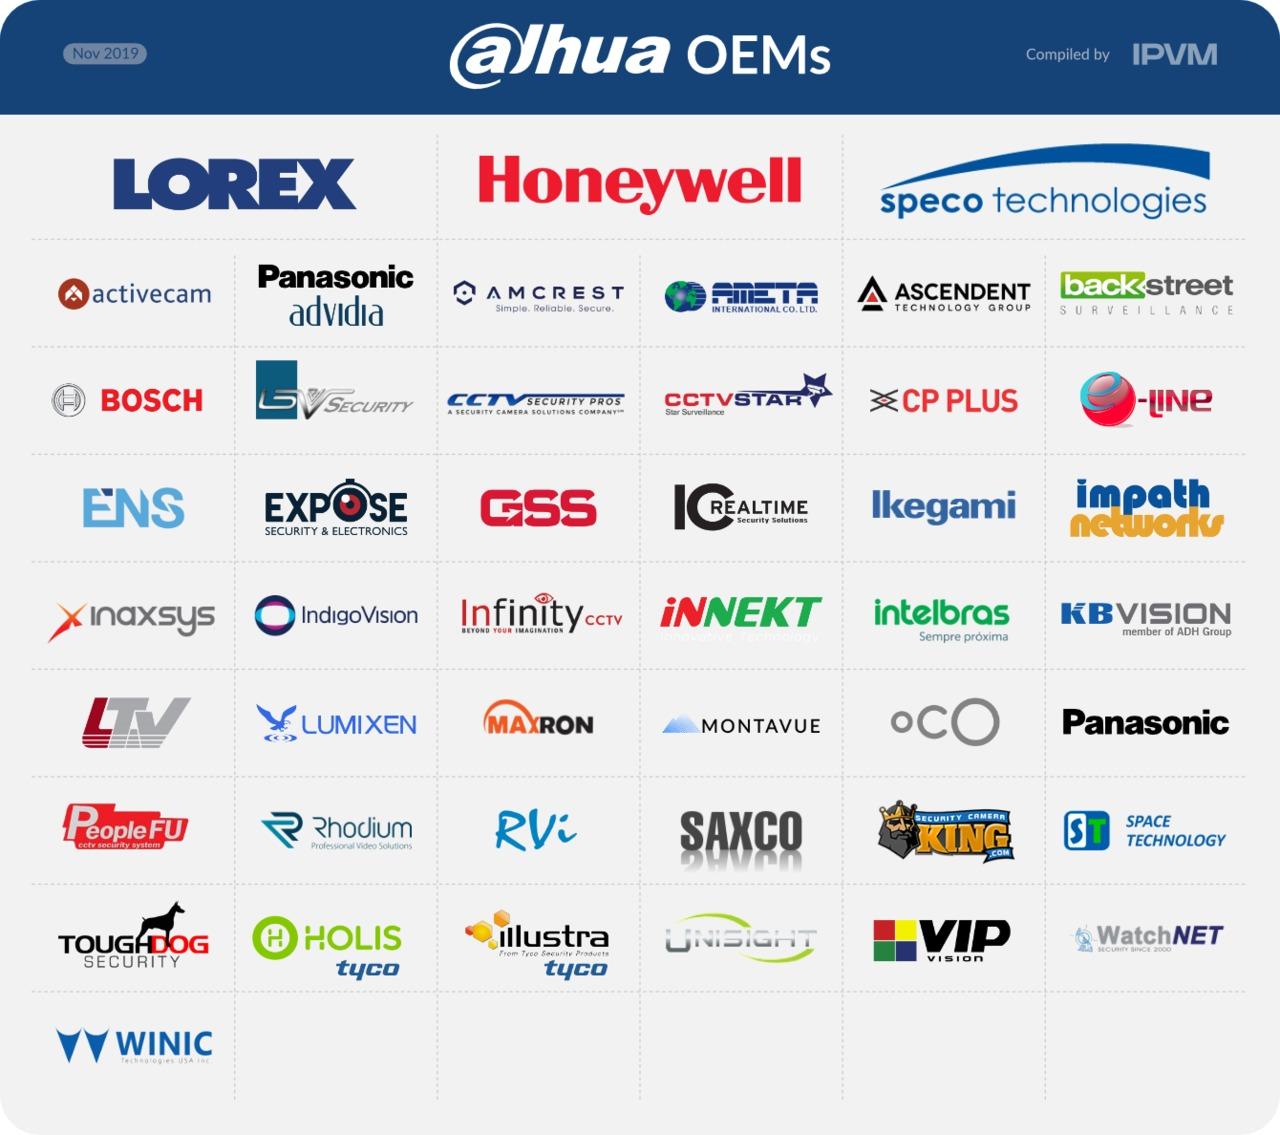 Dahua OEM Directory 6 NOV 2019